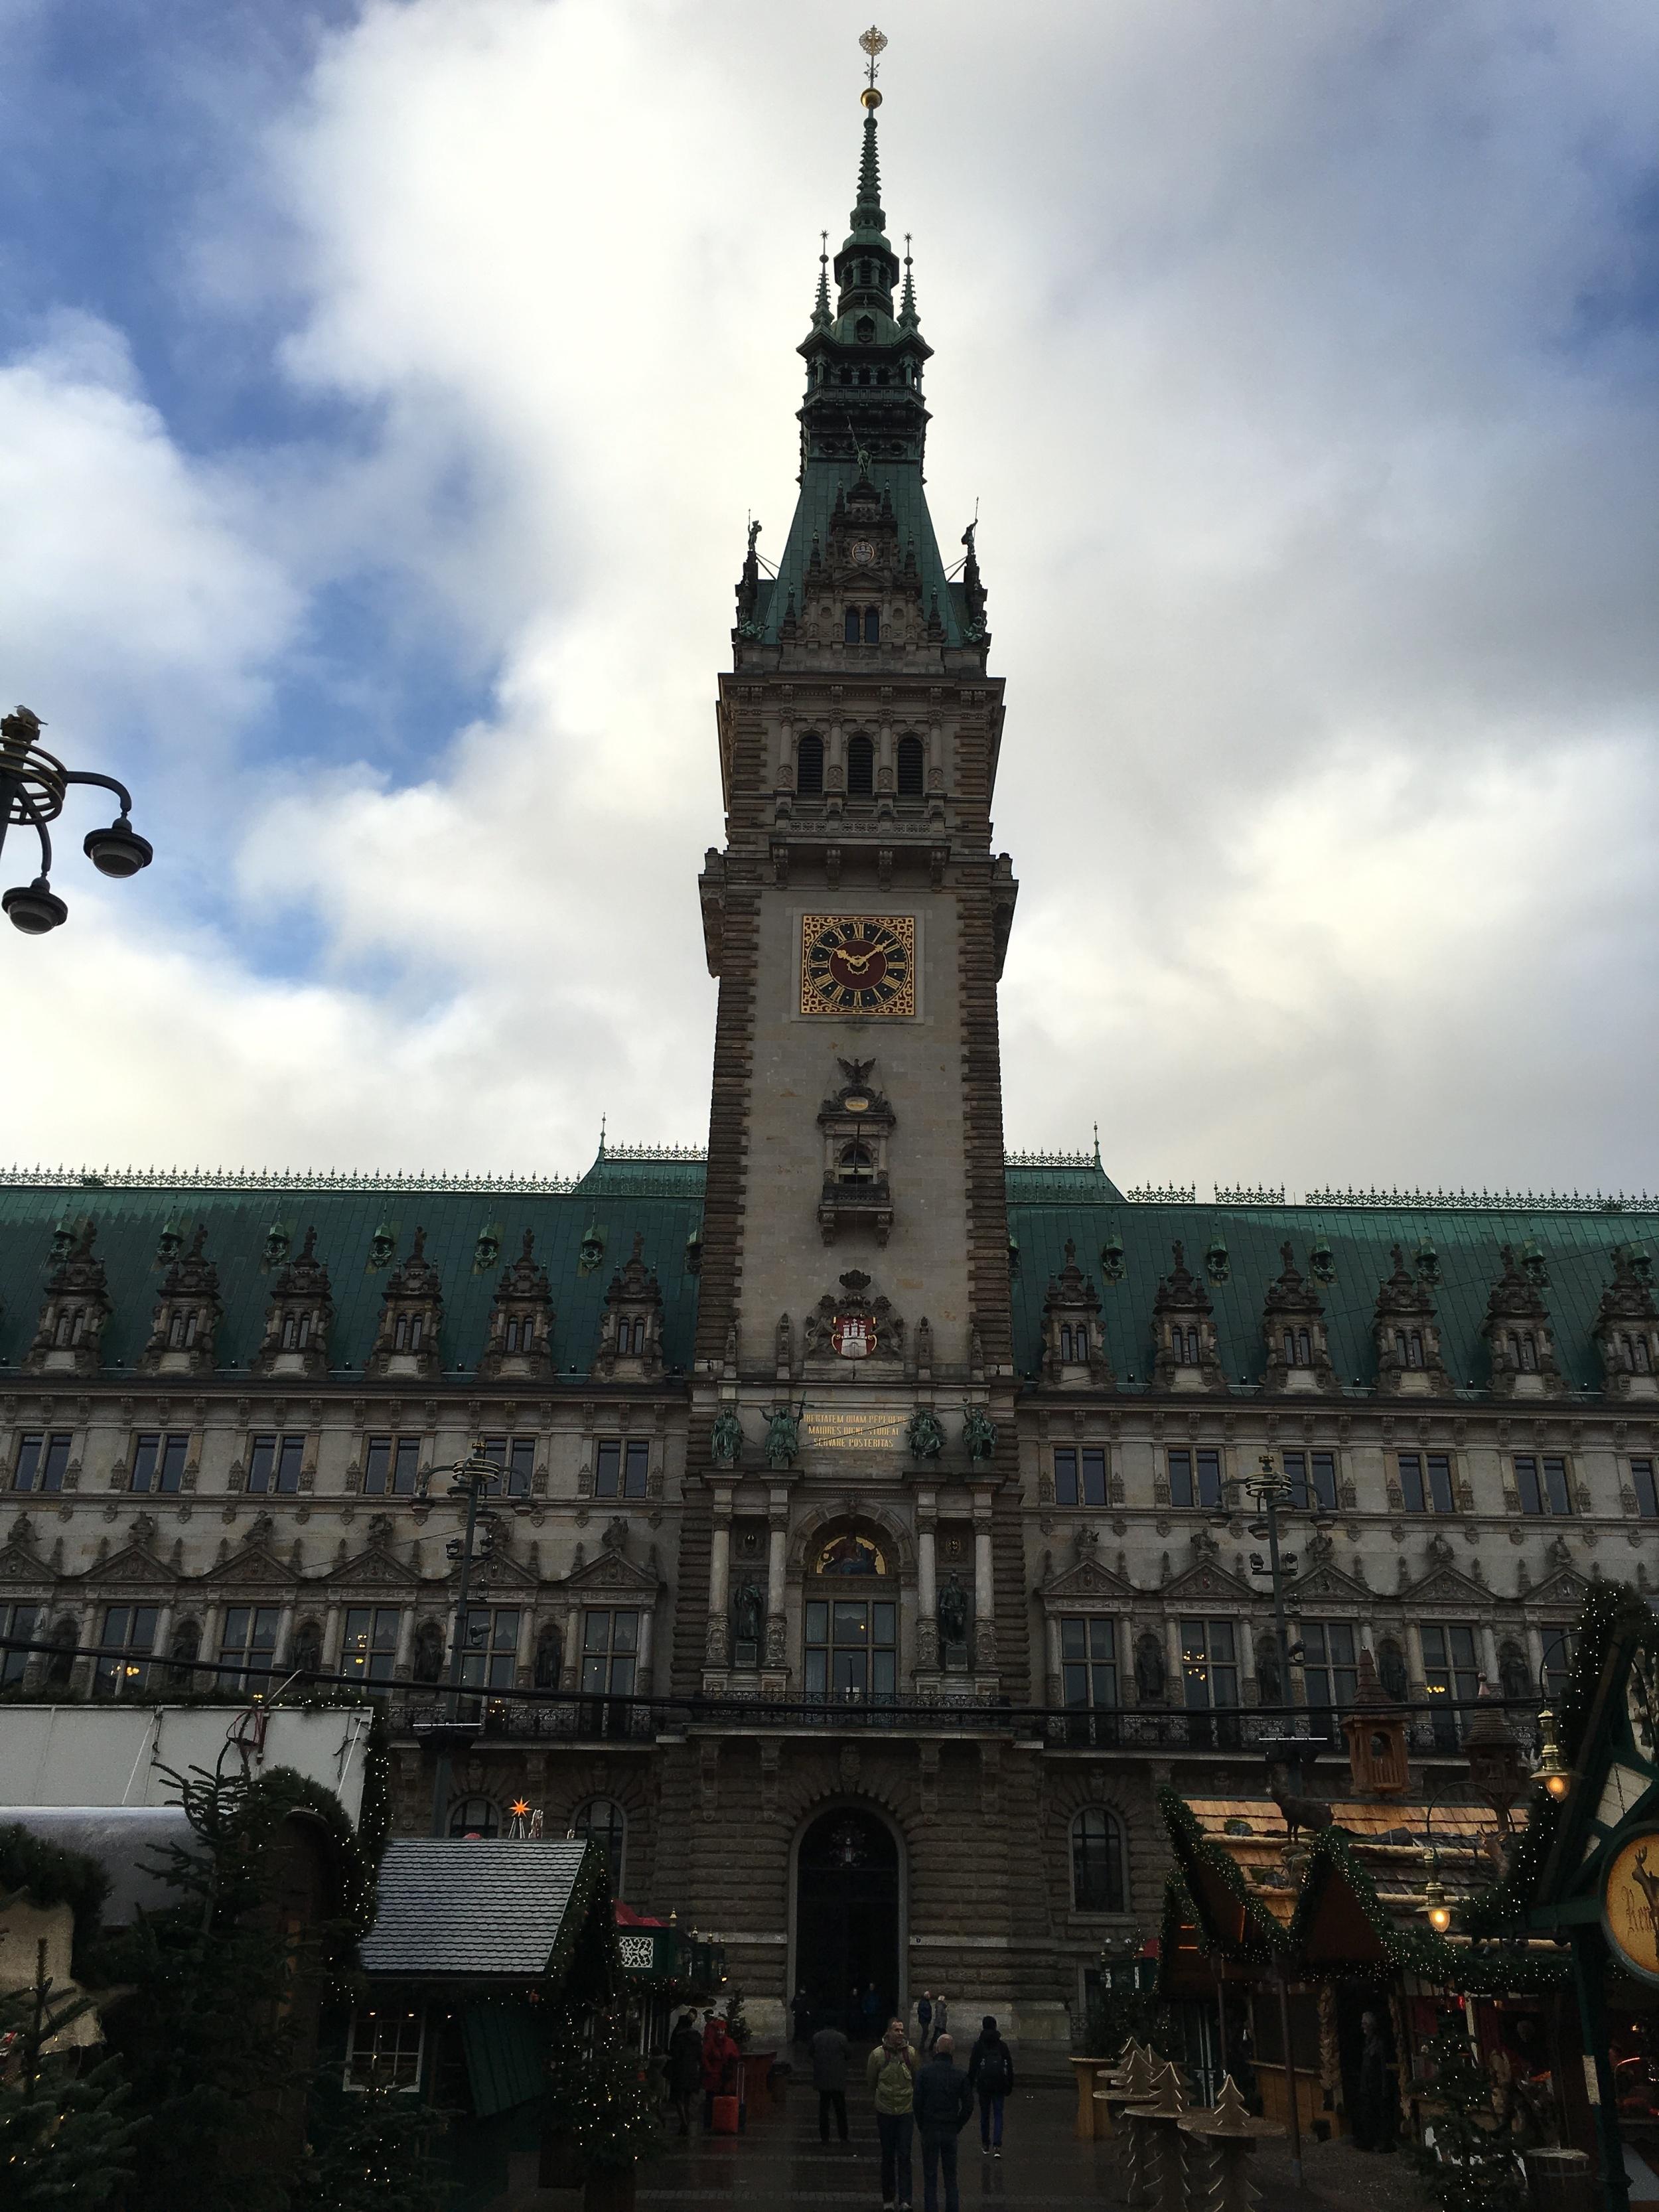 El impresionante edificio del ayuntamiento (Rathaus en alemán) fue construido en 1897. Está localizado en el mismo centro de la ciudad. Foto: Bruny Nieves